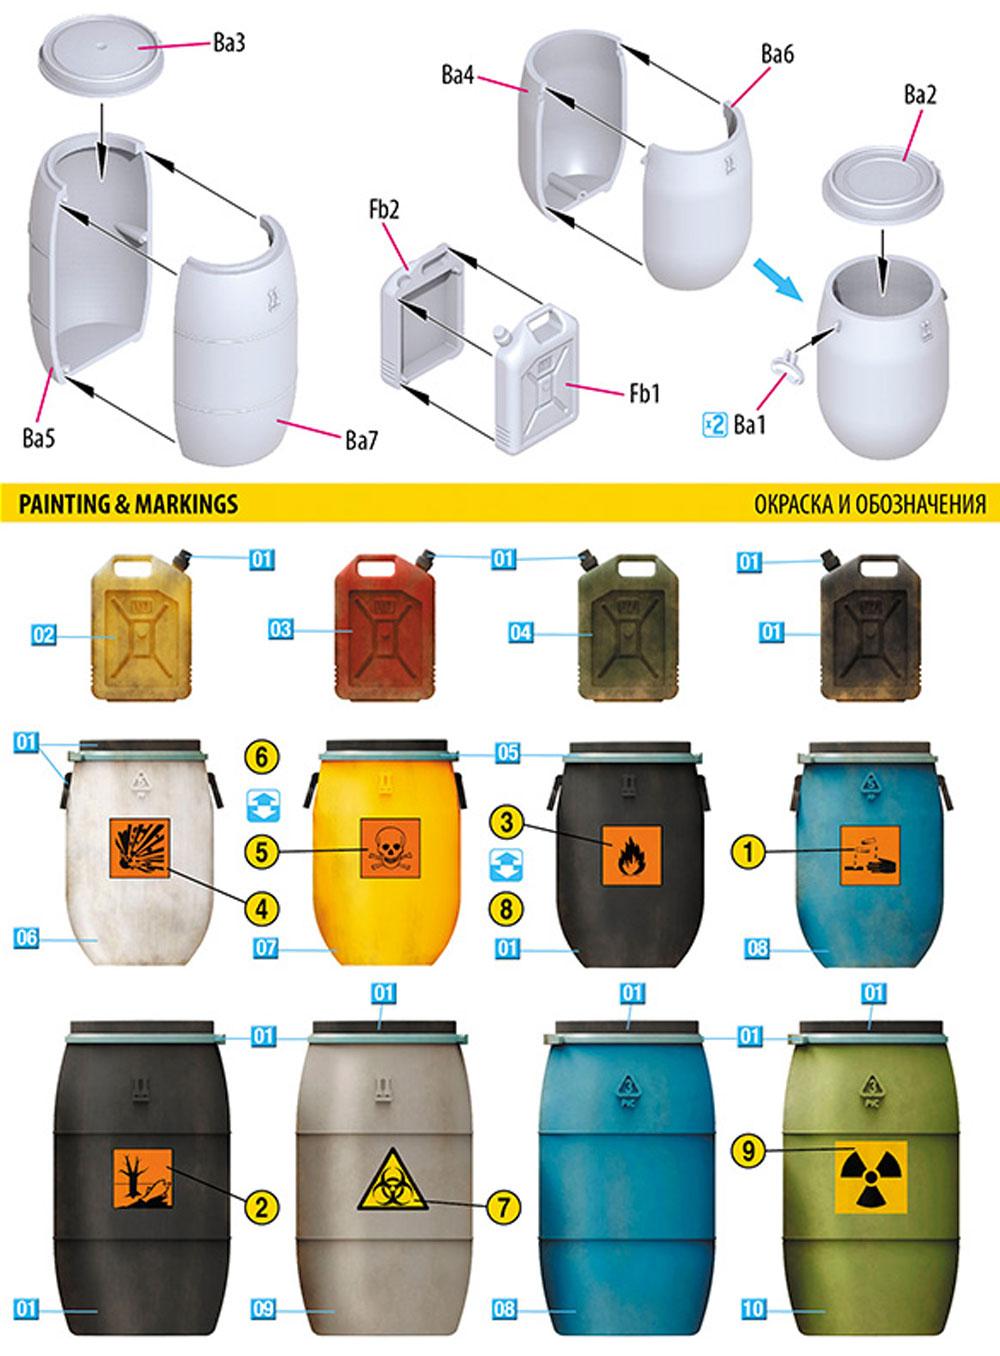 プラスチック製樽 & 缶セットプラモデル(ミニアート1/35 ビルディング&アクセサリー シリーズNo.35590)商品画像_1